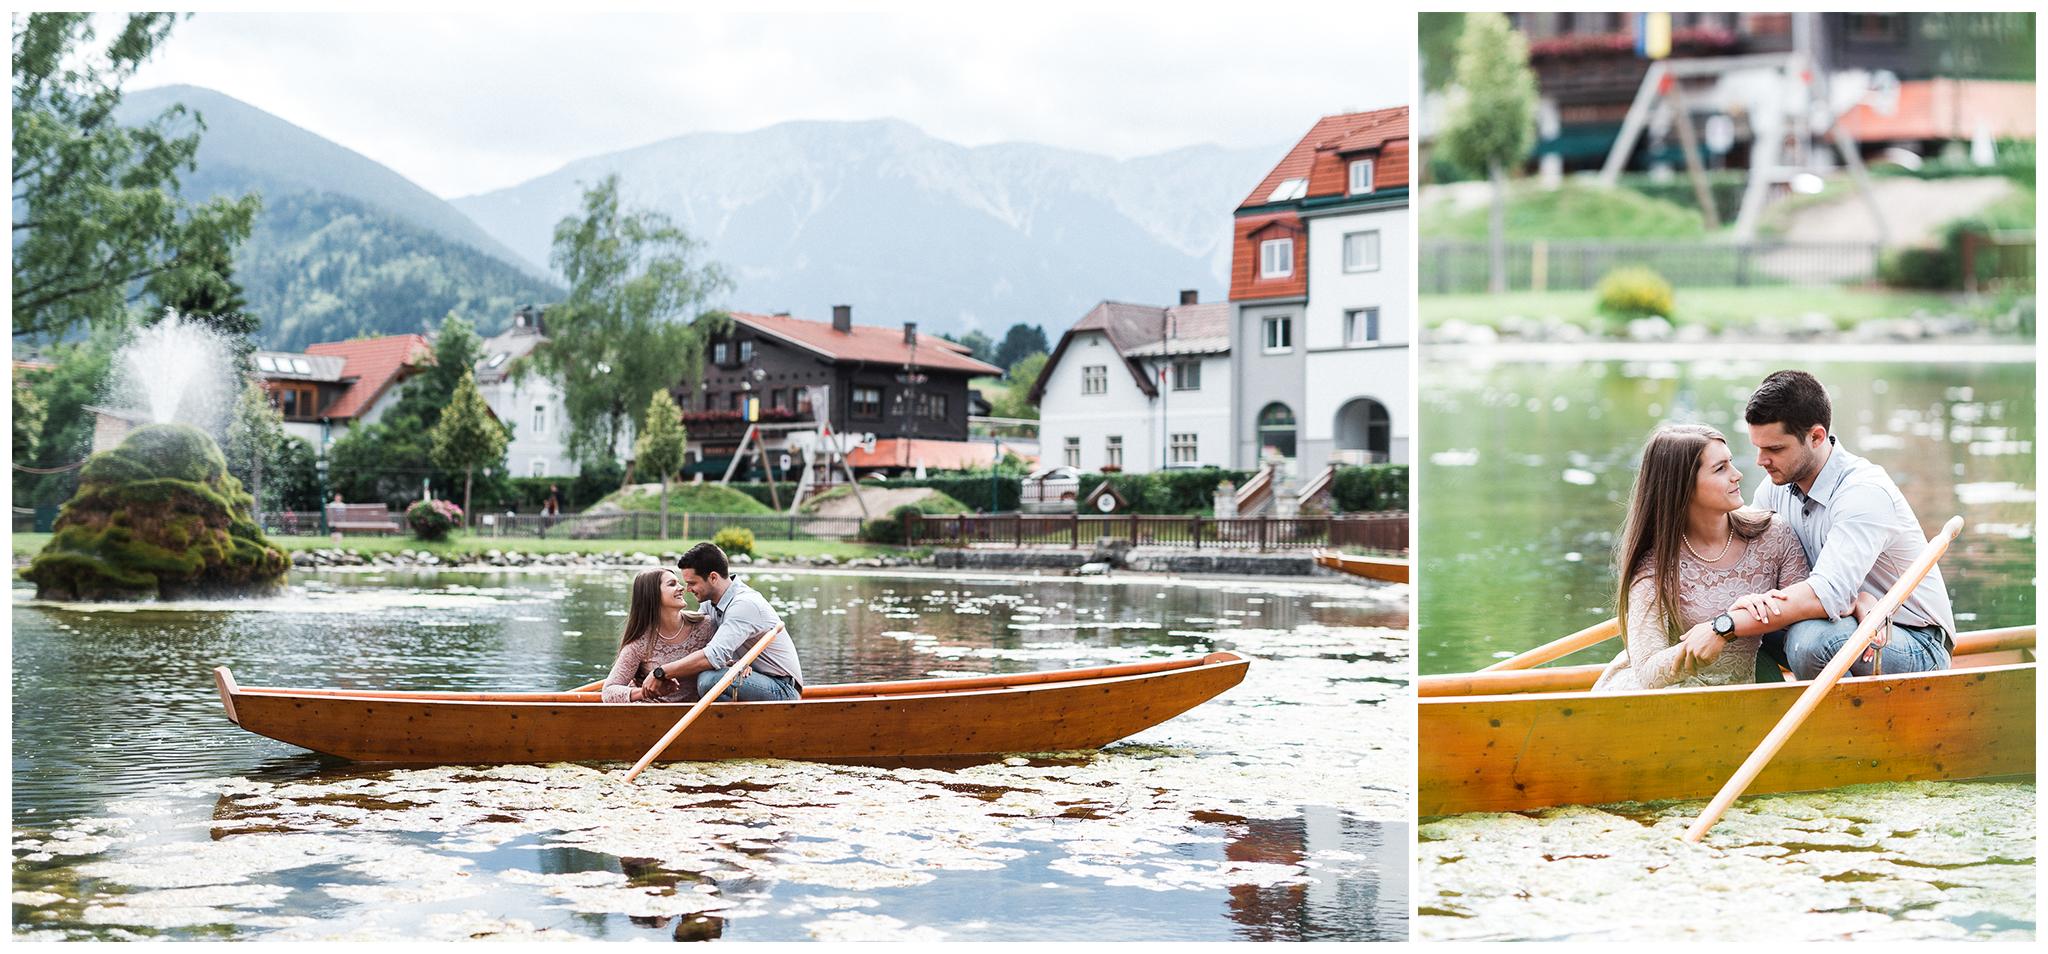 MONT_FylepPhoto, Esküvőfotós Vasmegye, Esküvő fotózás, Esküvői fotós, Körmend, Vas megye, Dunántúl, Budapest, Fülöp Péter, Jegyes fotózás, jegyes, kreatív, kreatívfotózás, Balaton, Ausztira_006.jpg